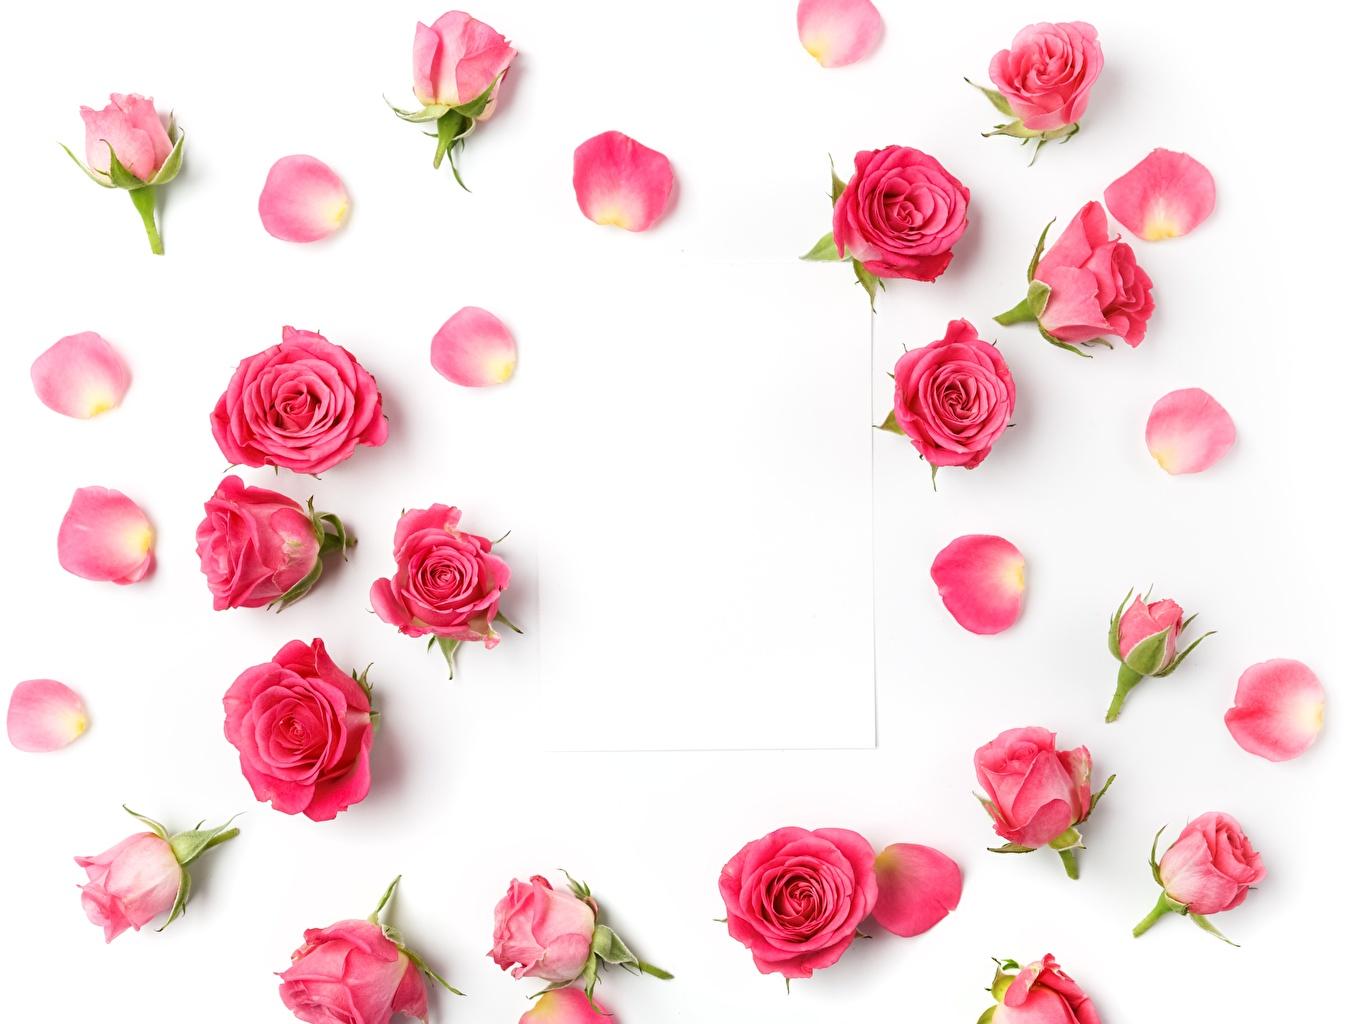 Fonds d'ecran Roses Fond blanc Rose couleur Fleurs télécharger photo